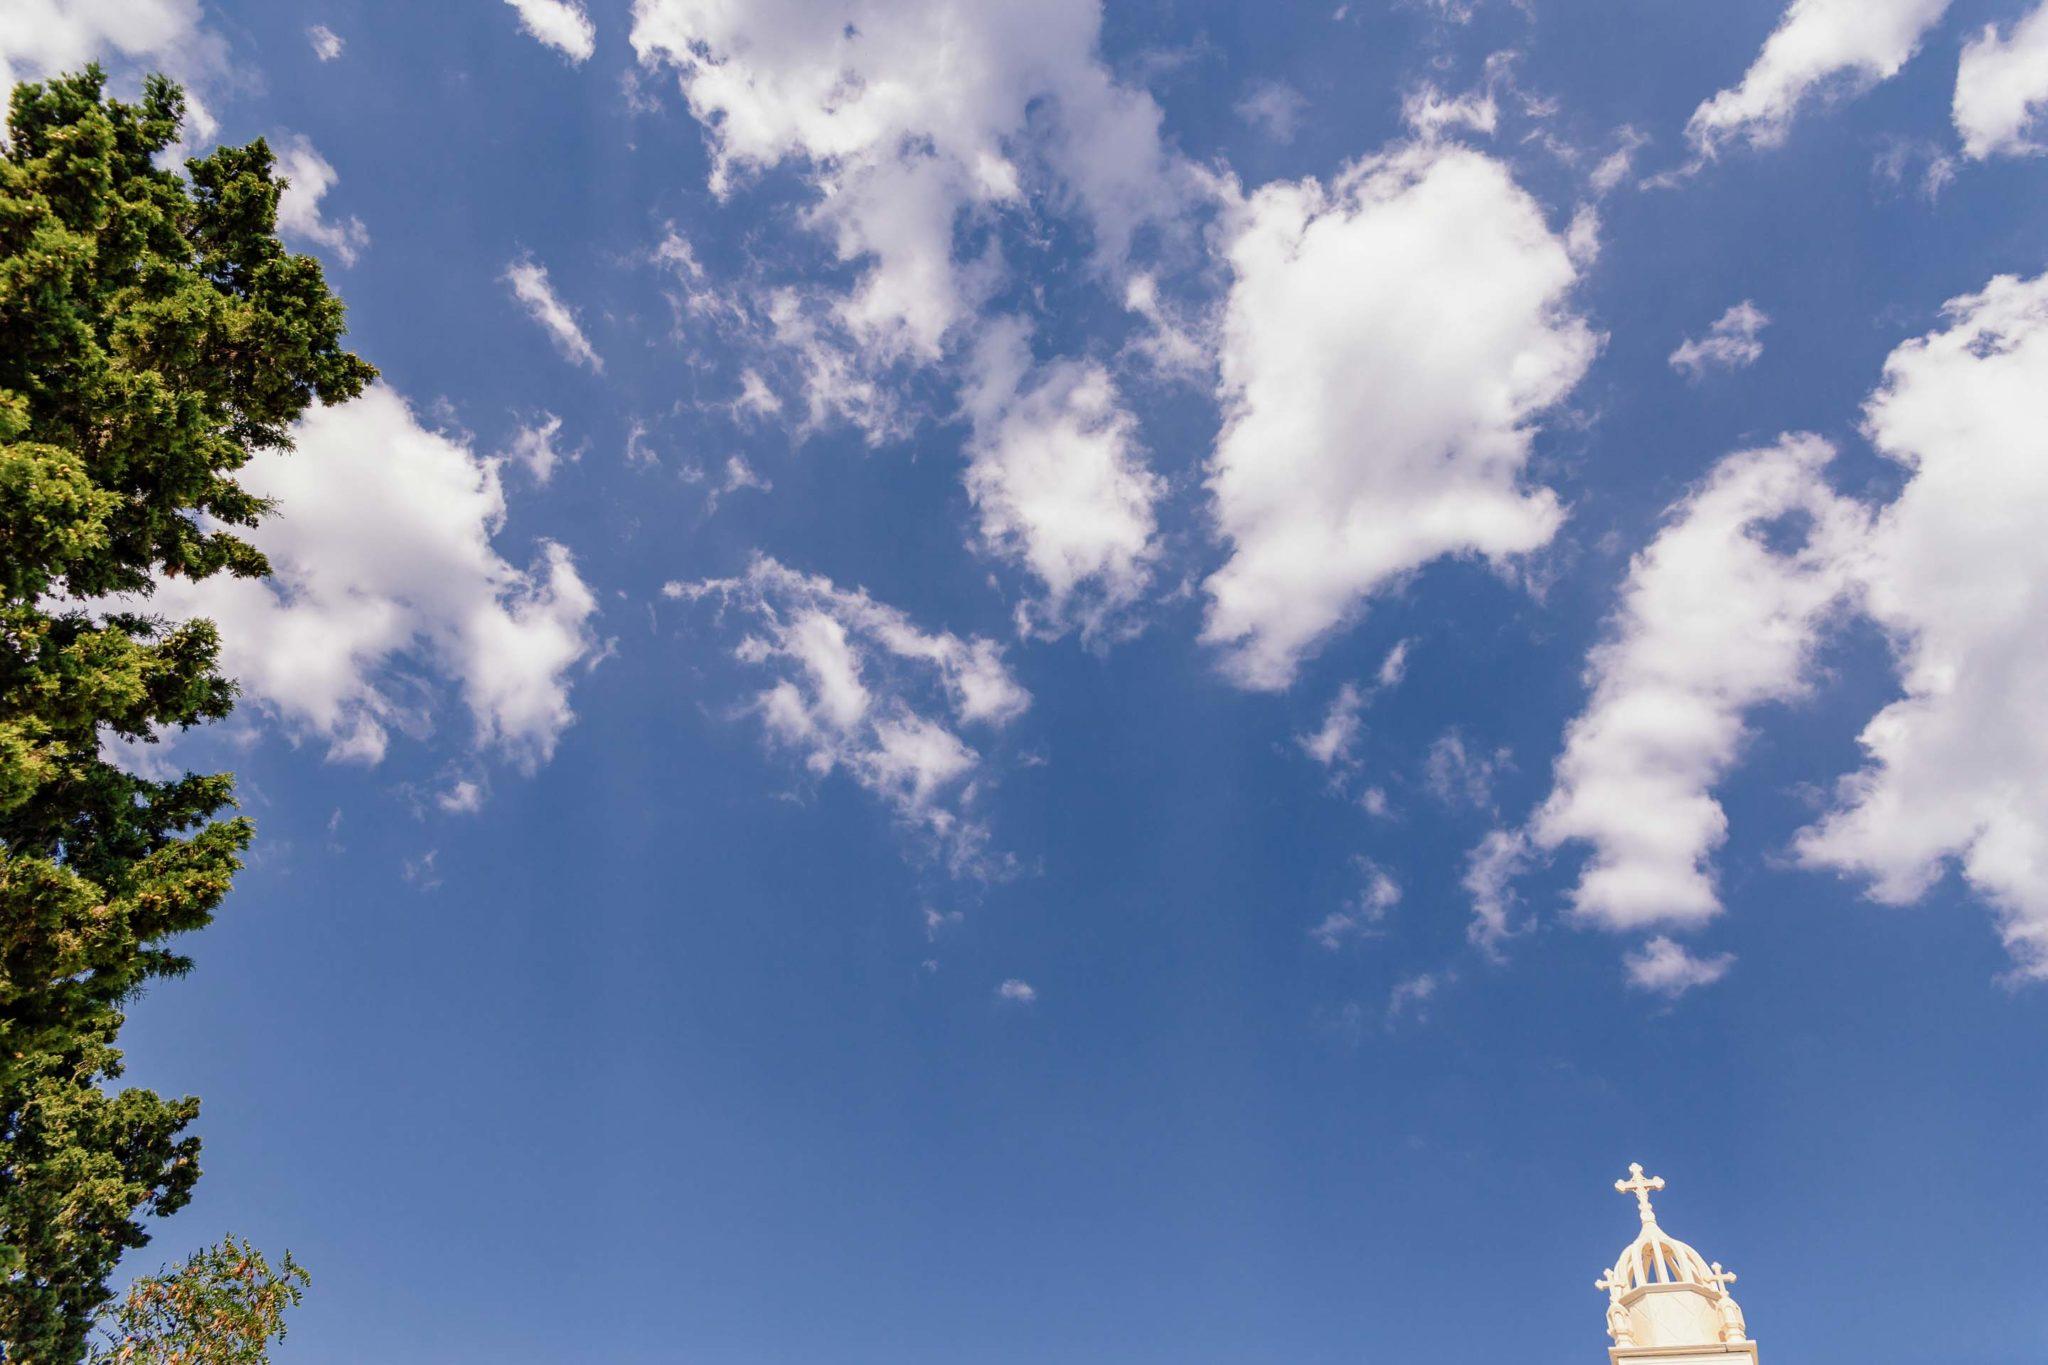 021 PhotoVaptisisgr vaptisi spetses moro koritsi baptism spetsesisland church